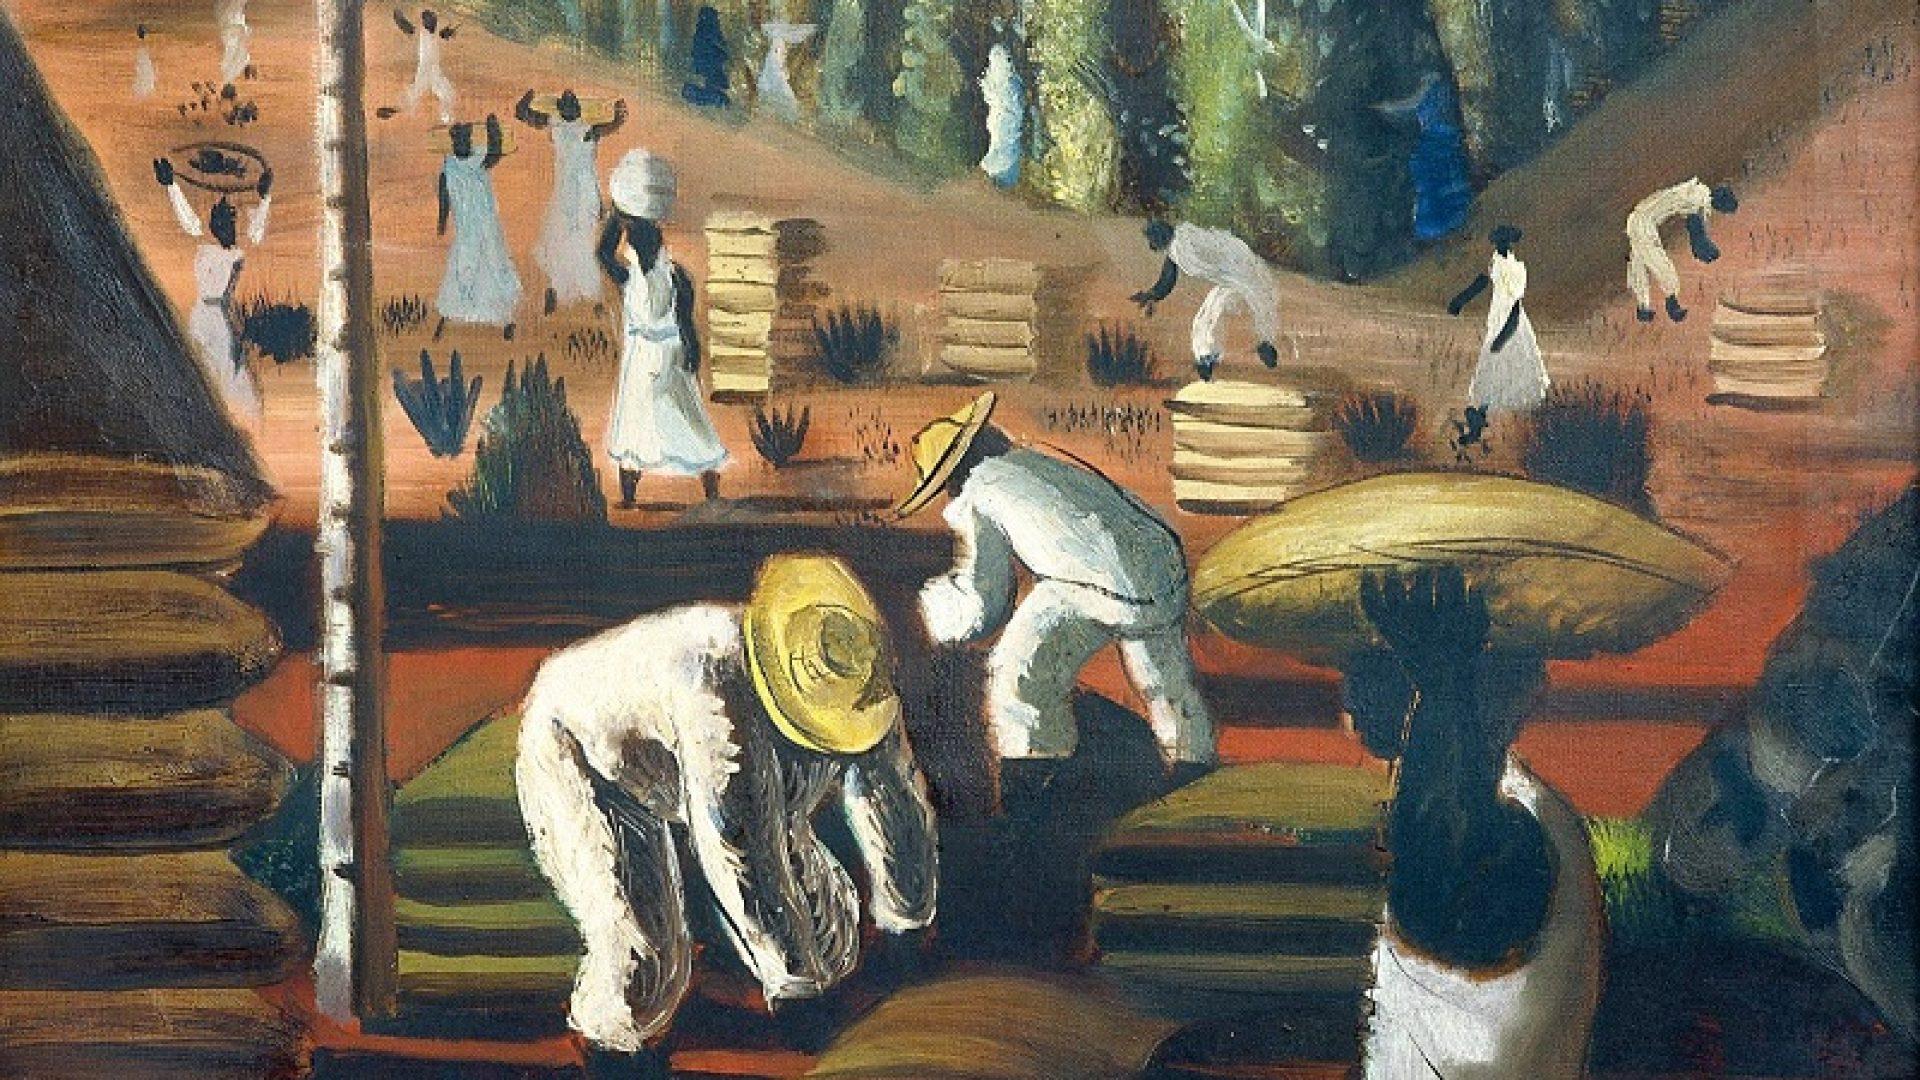 Café de Cândido Portinari (1940)